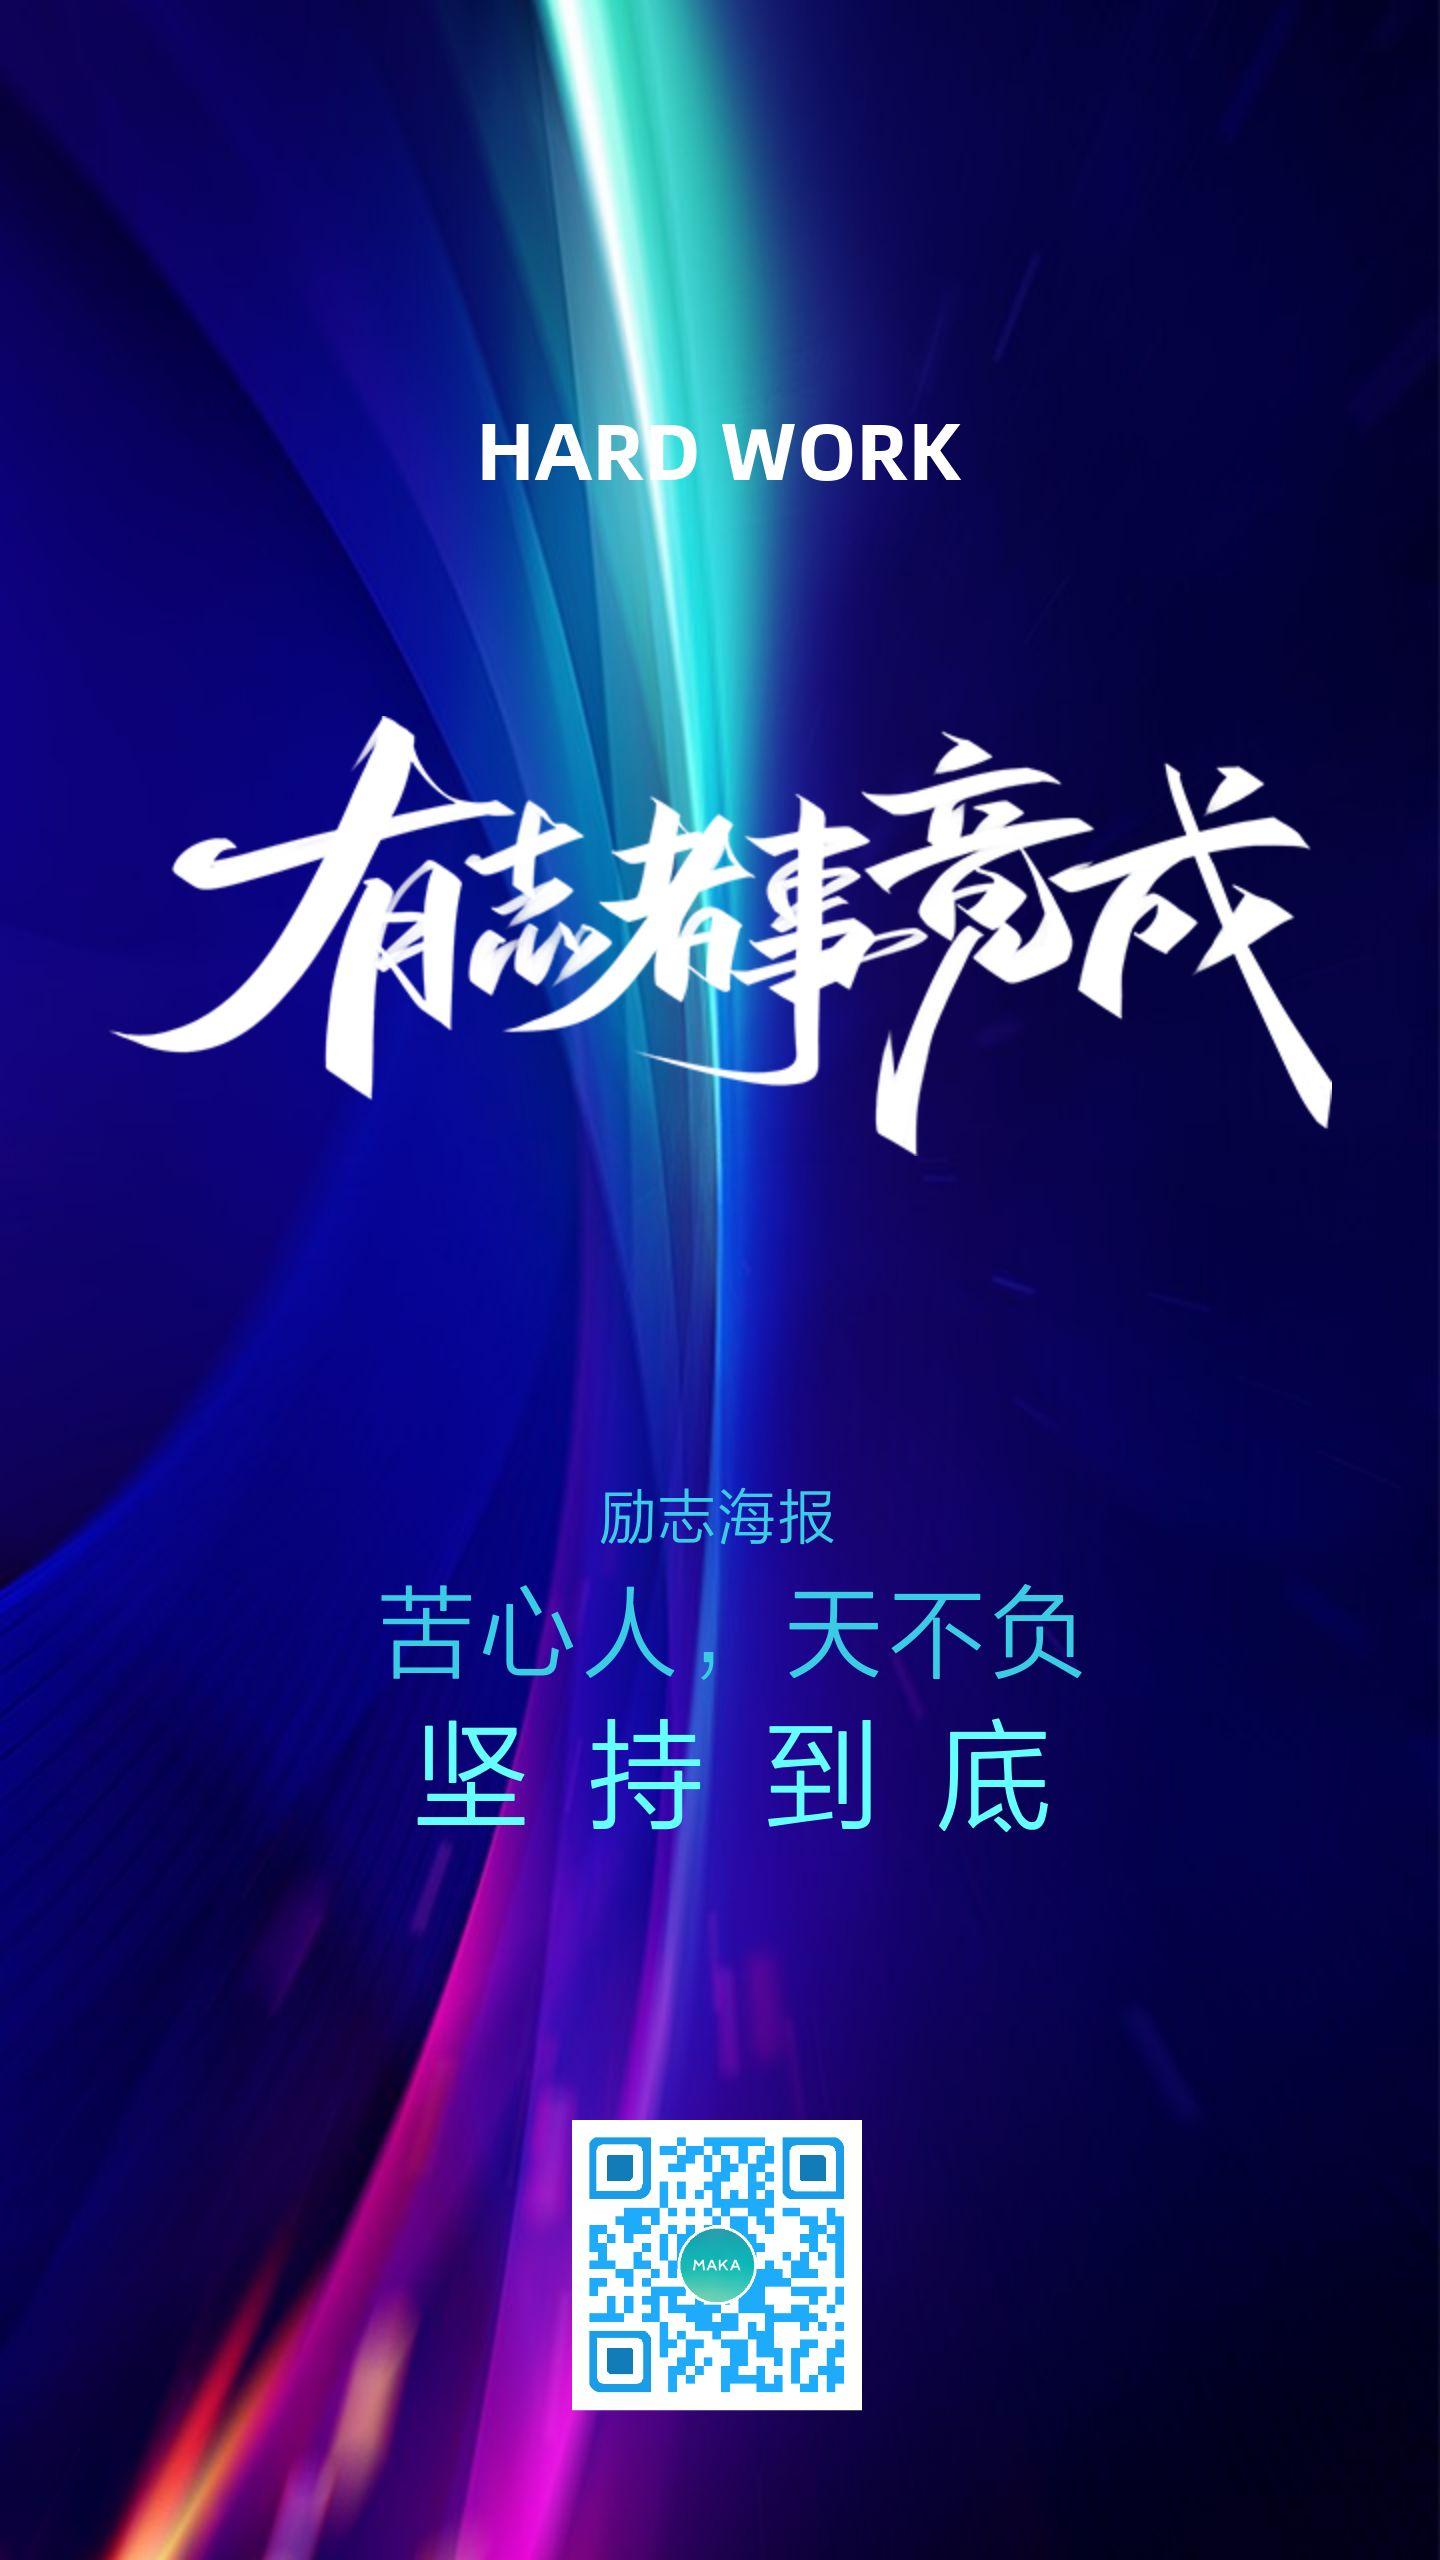 时尚大气蓝紫色励志宣传海报